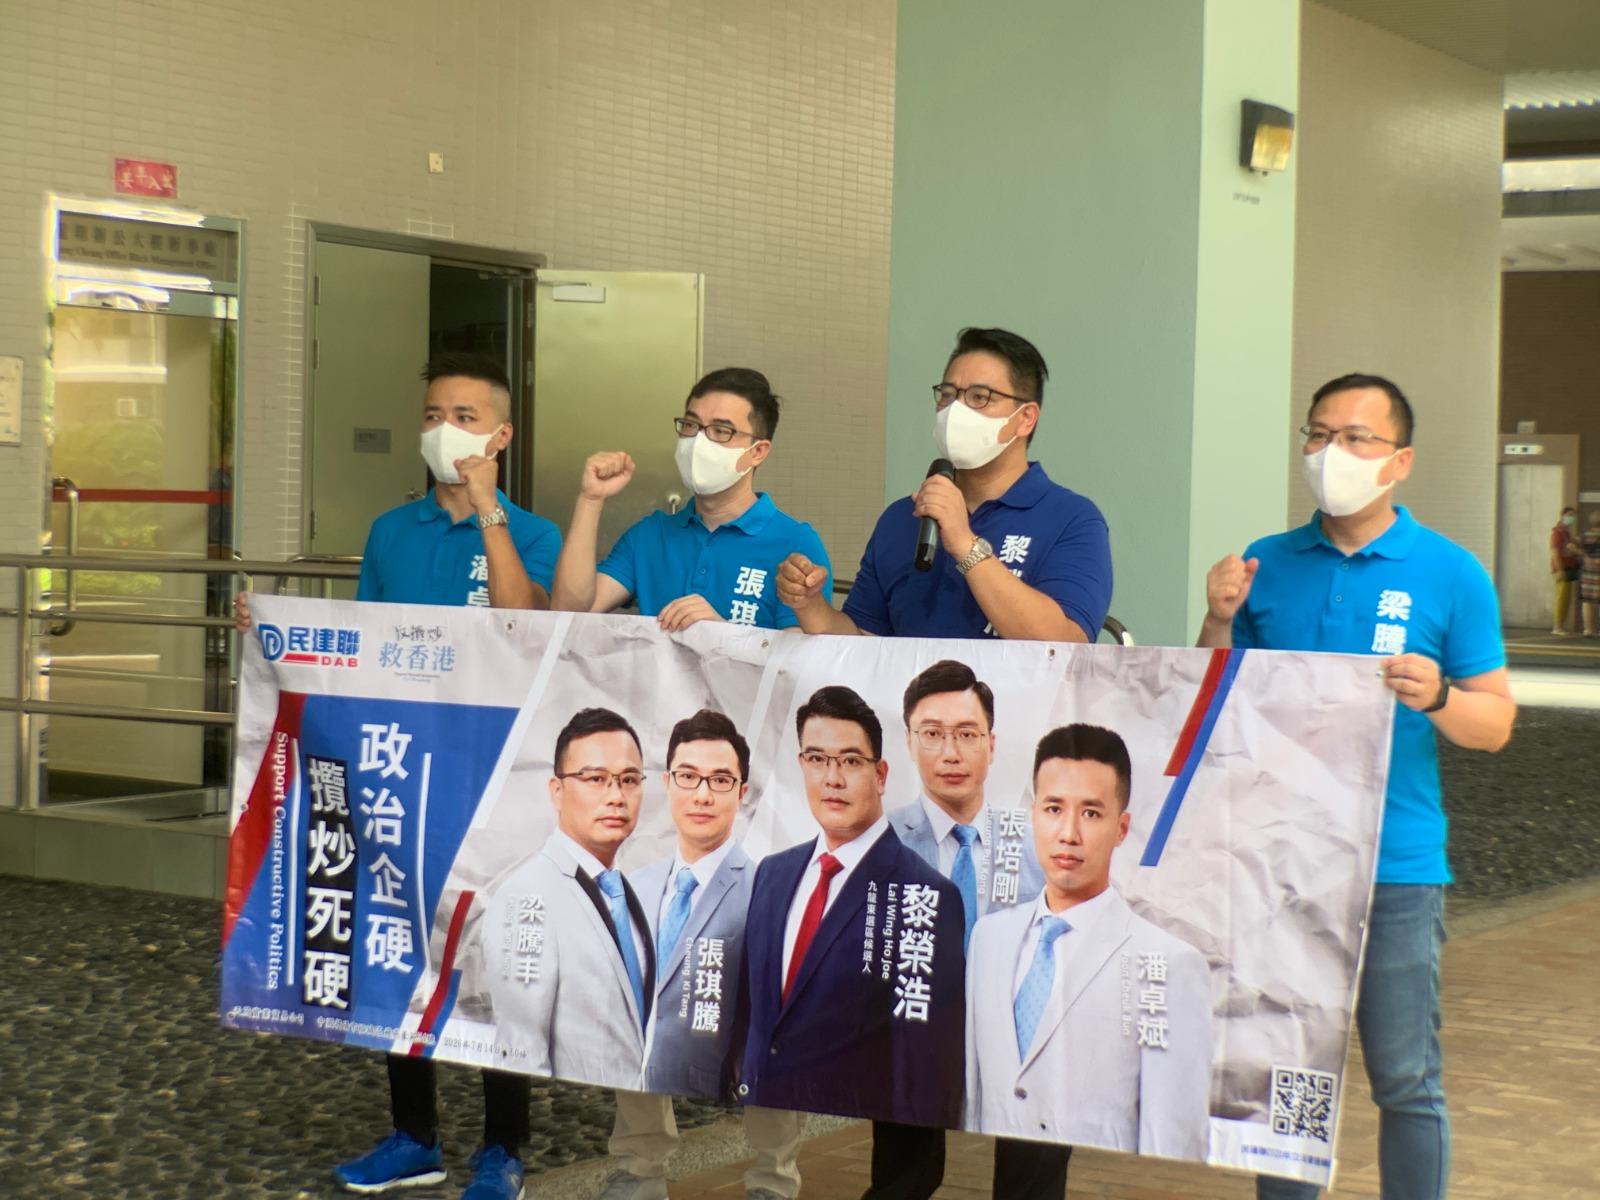 黎榮浩團隊於7月20日報名參選九龍東立法會選舉